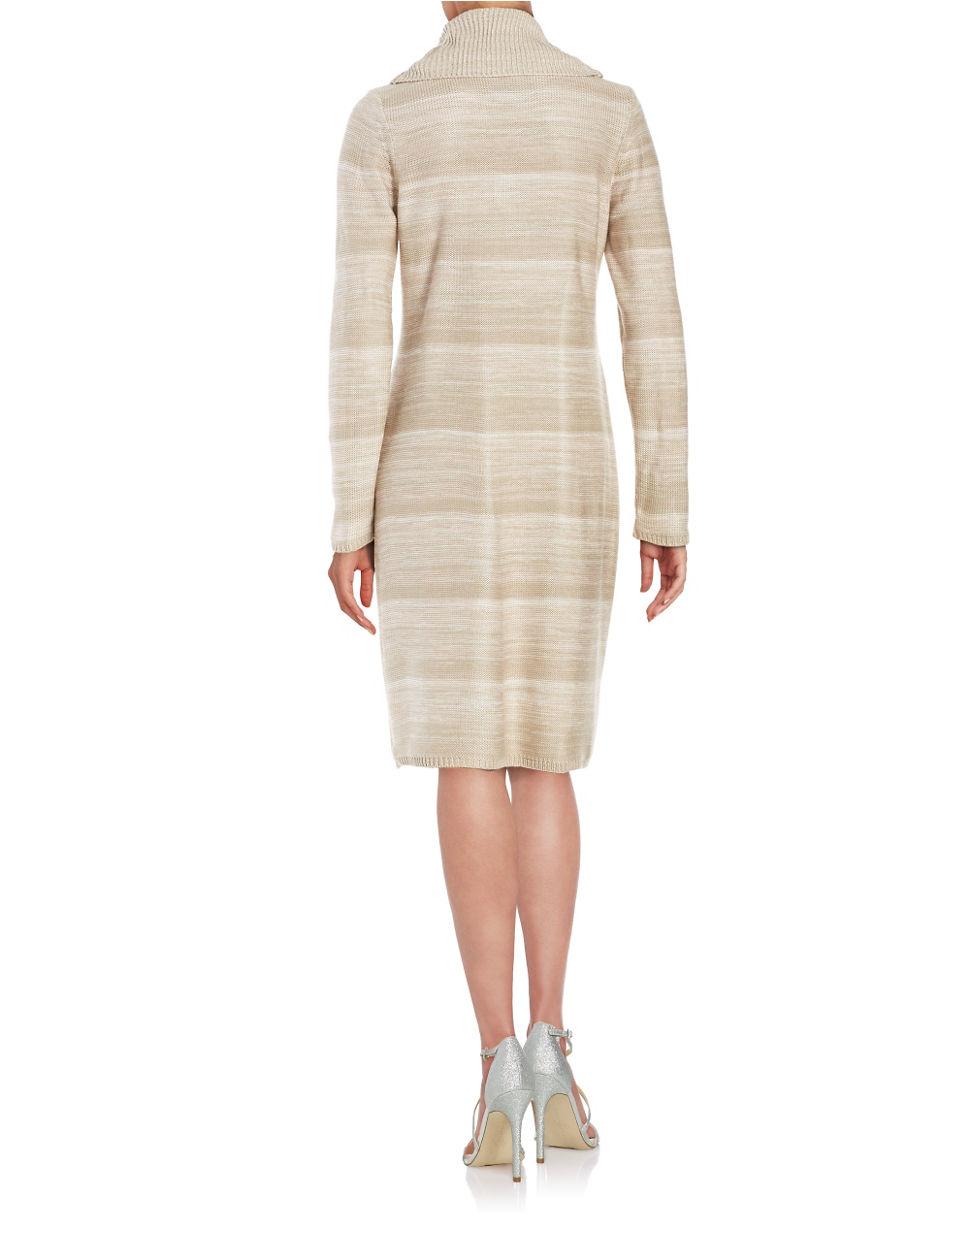 calvin klein cowlneck sweater dress in beige latte multi. Black Bedroom Furniture Sets. Home Design Ideas